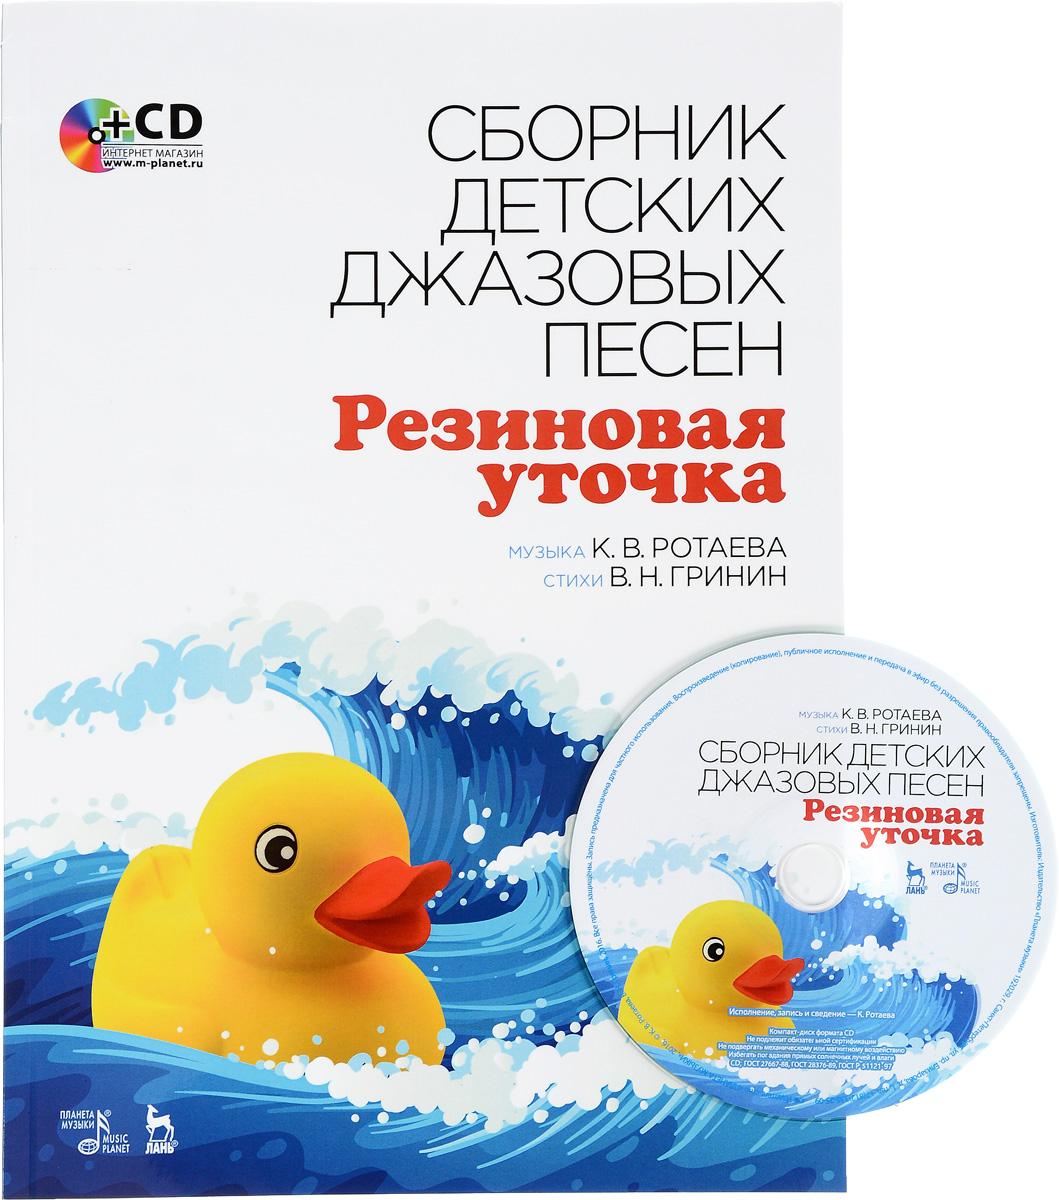 Collection of Children's Jazz Songs Rubber Duck: Textbook / Сборник детских джазовых песен Резиновая уточка (+ CD) туалетная вода trussardi туалетная вода a way for him 50 мл